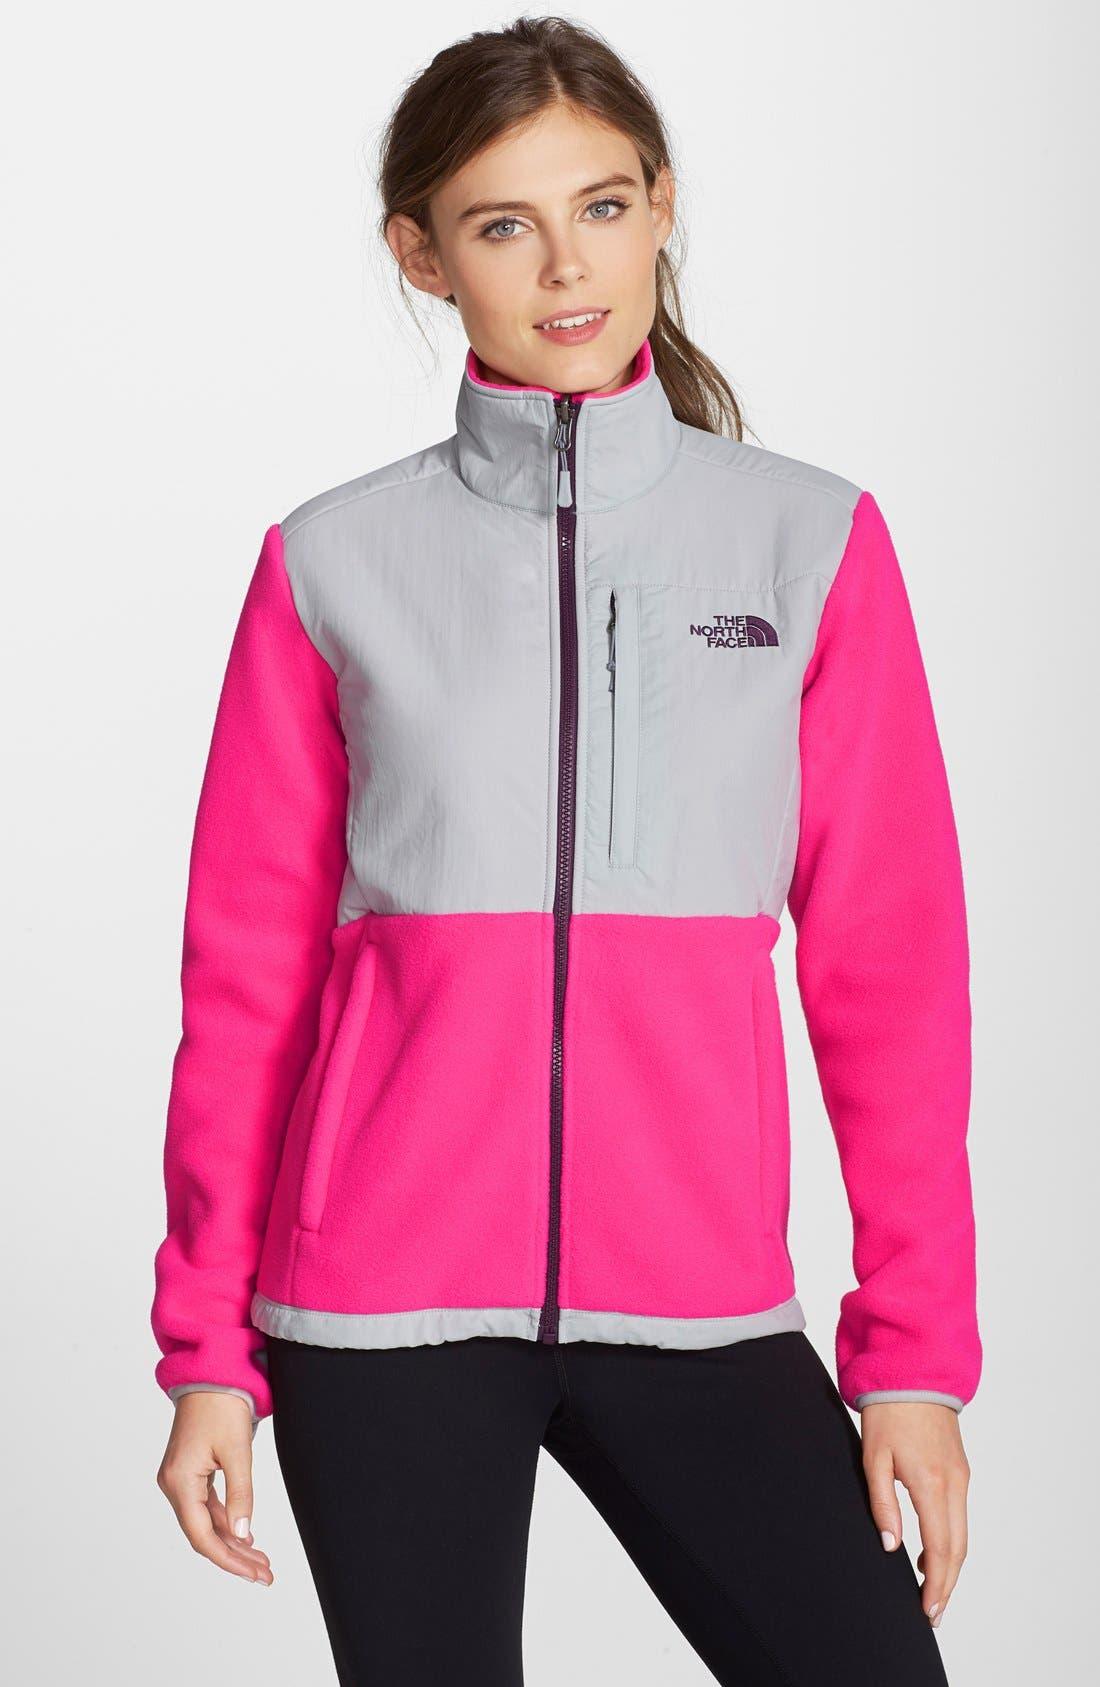 Main Image - The North Face 'Denali' Jacket